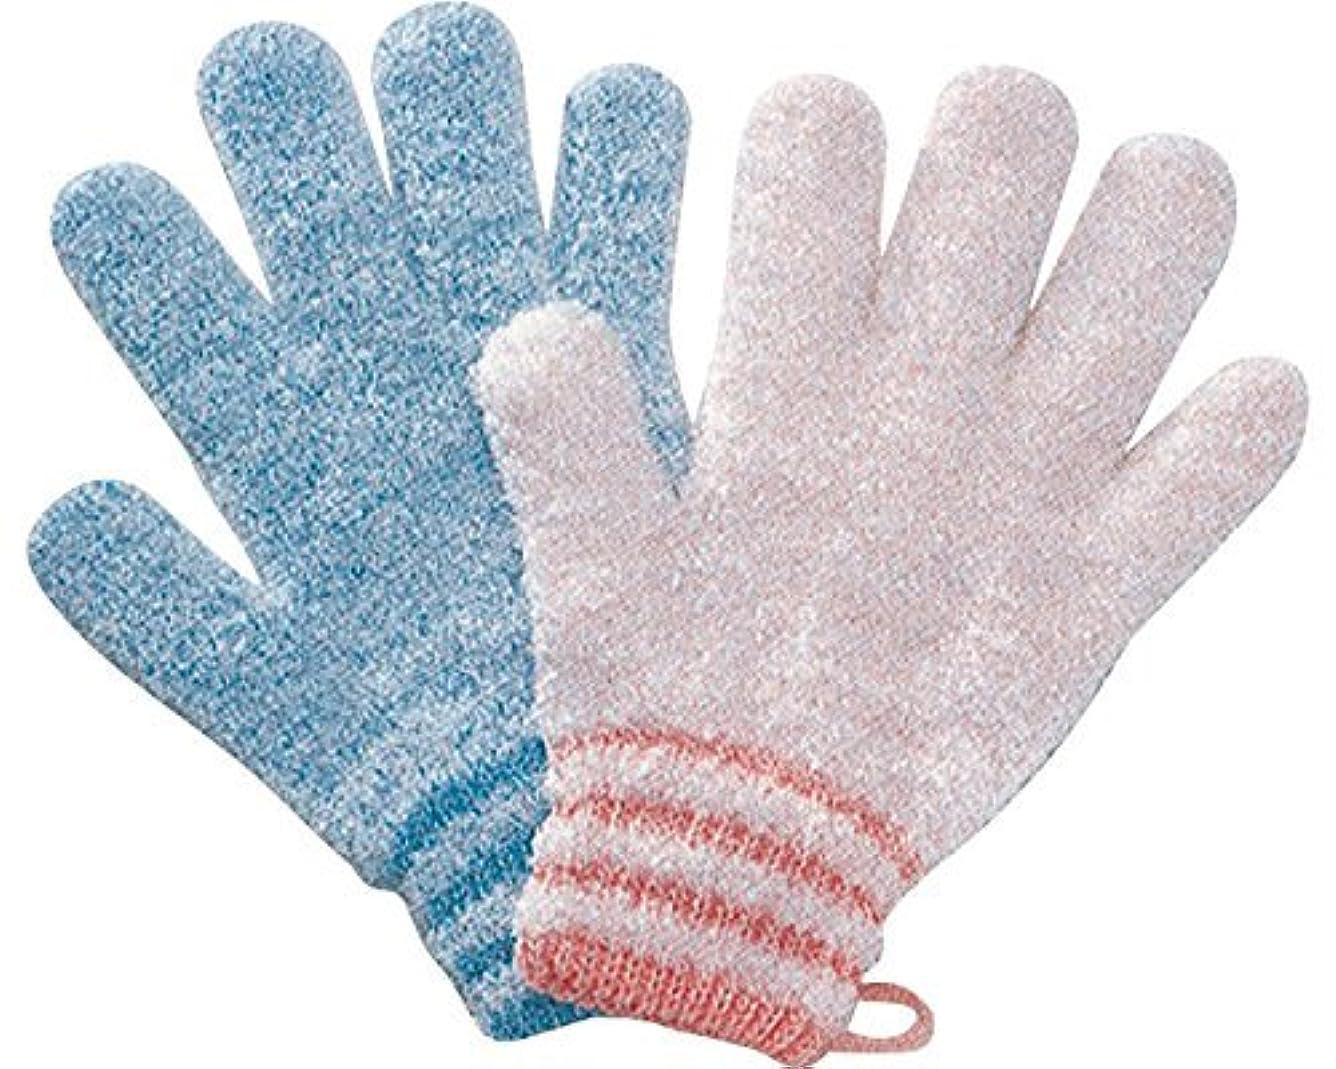 ケント産地アルミニウム浴用手袋やさしい手 1双入り ピンク 1160A (オカモト) (入浴用小物)